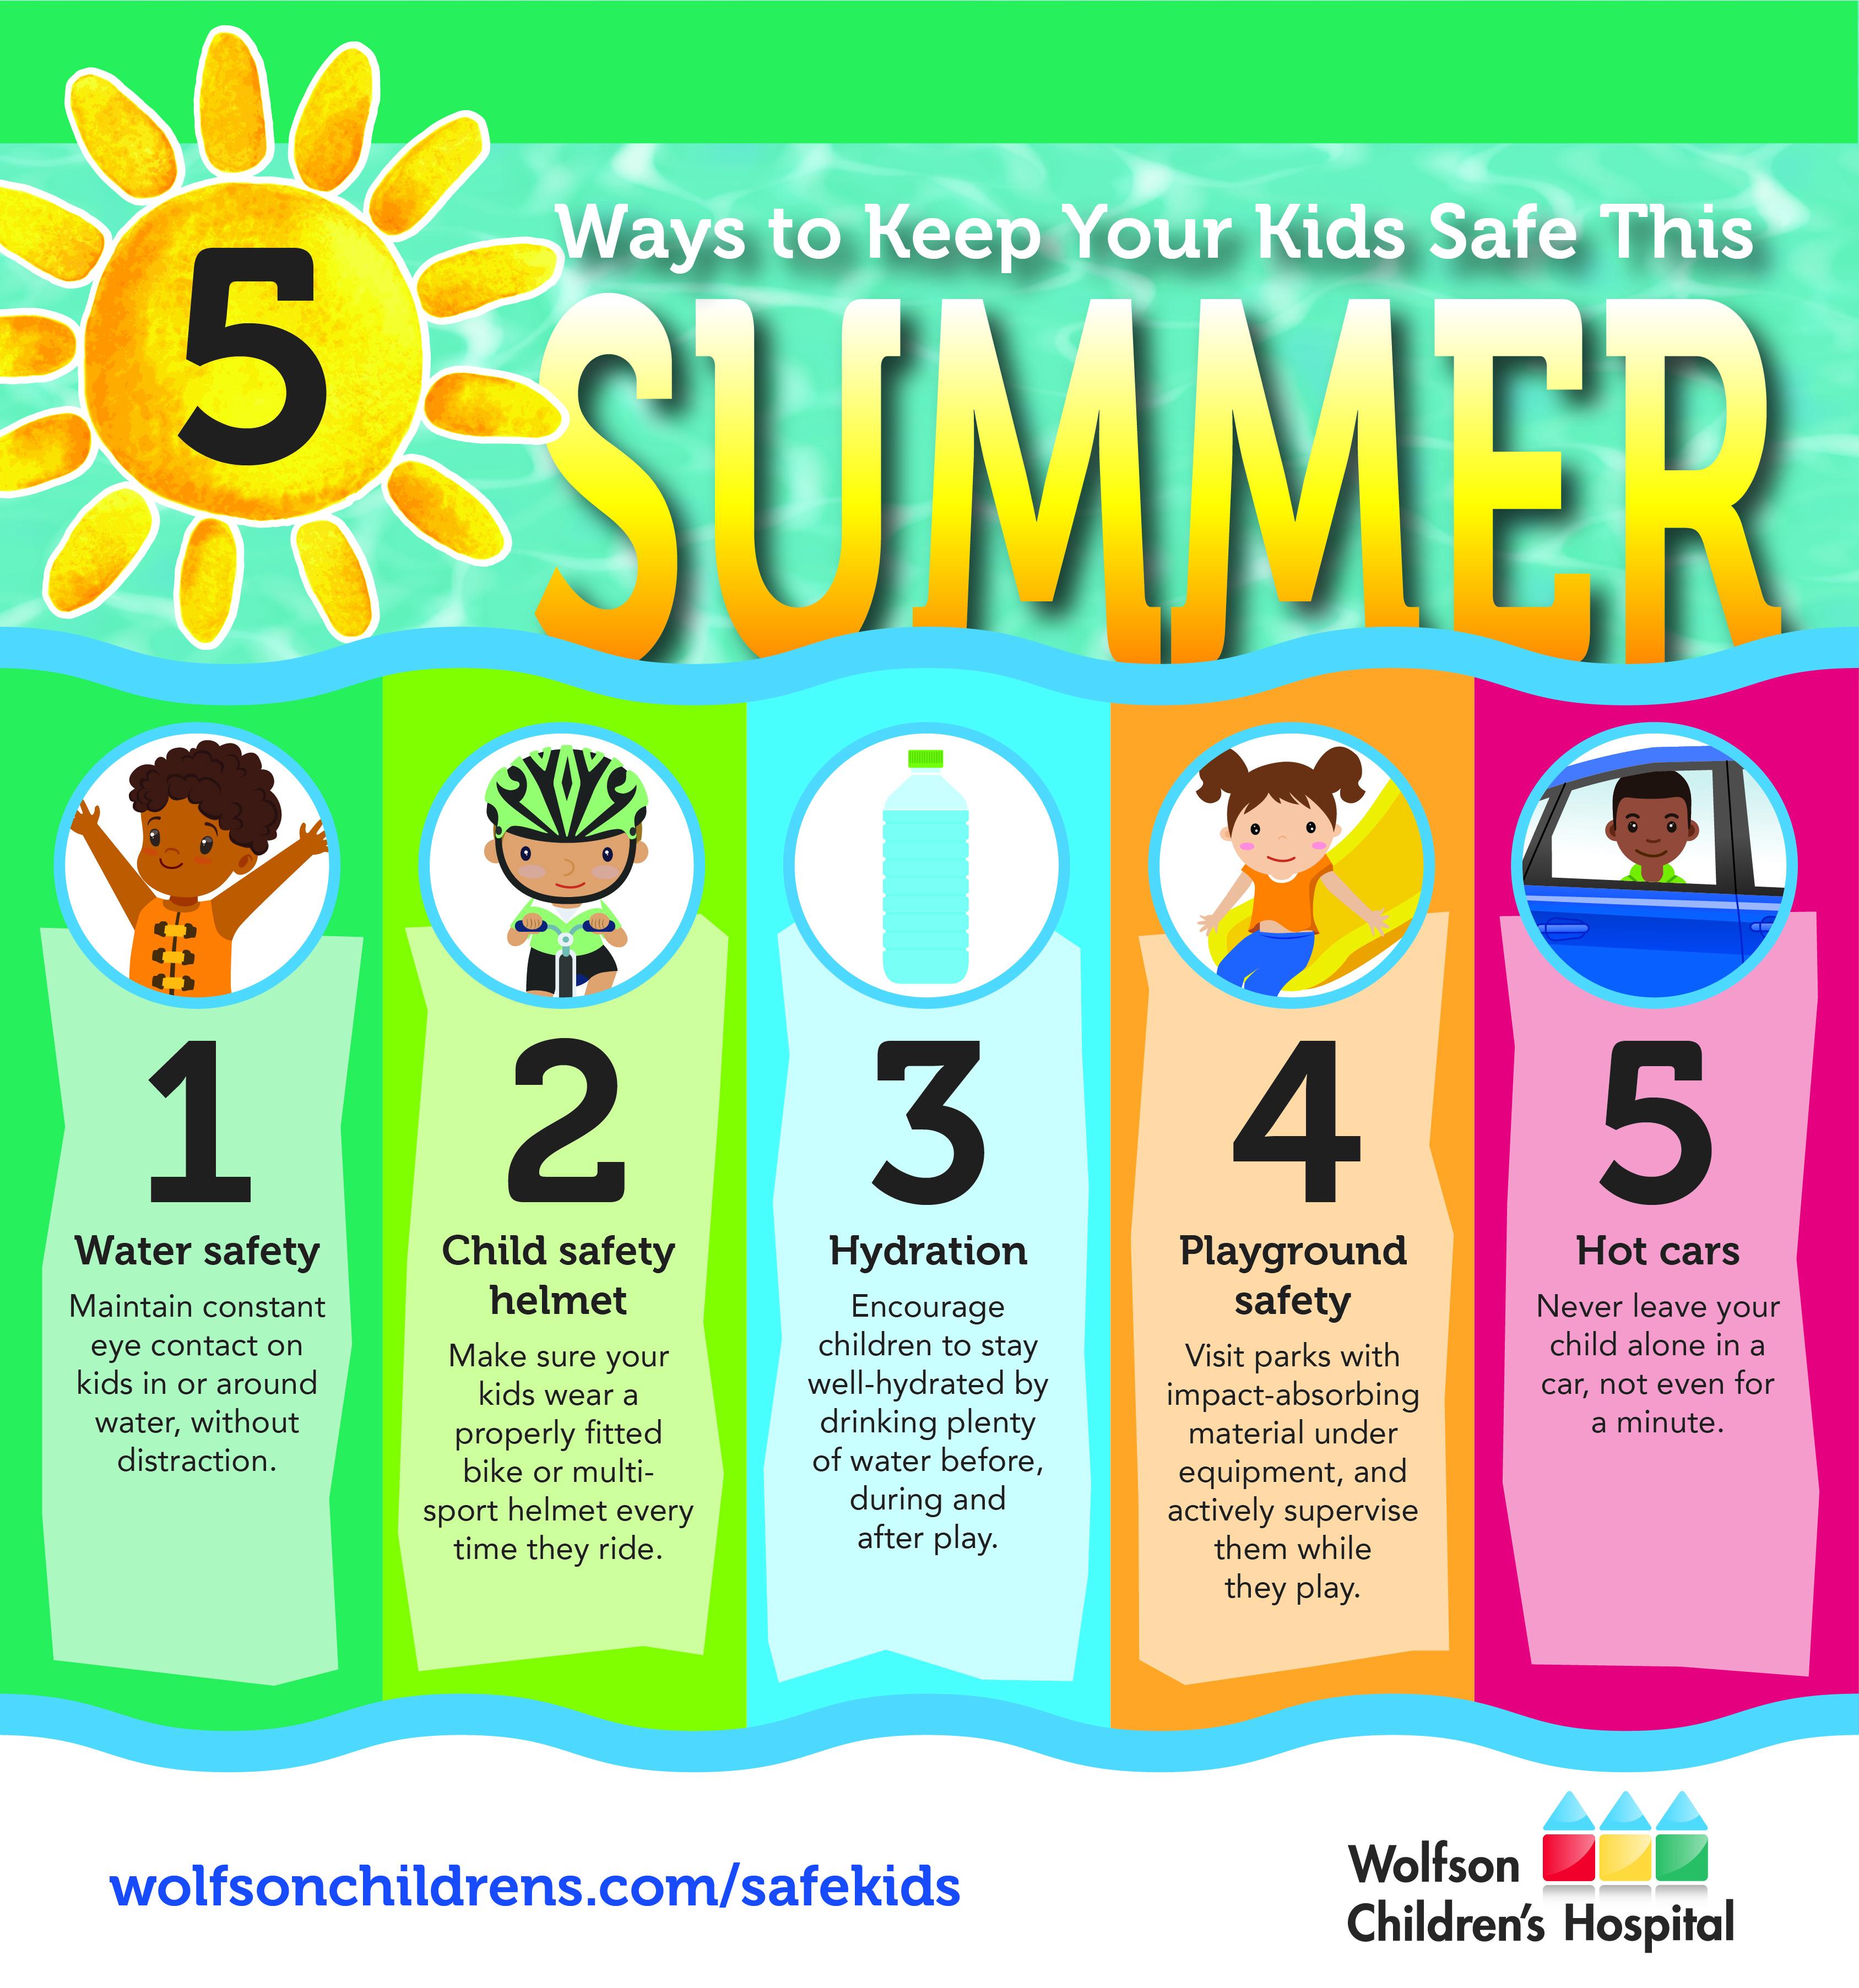 Keep your kids safe for summer